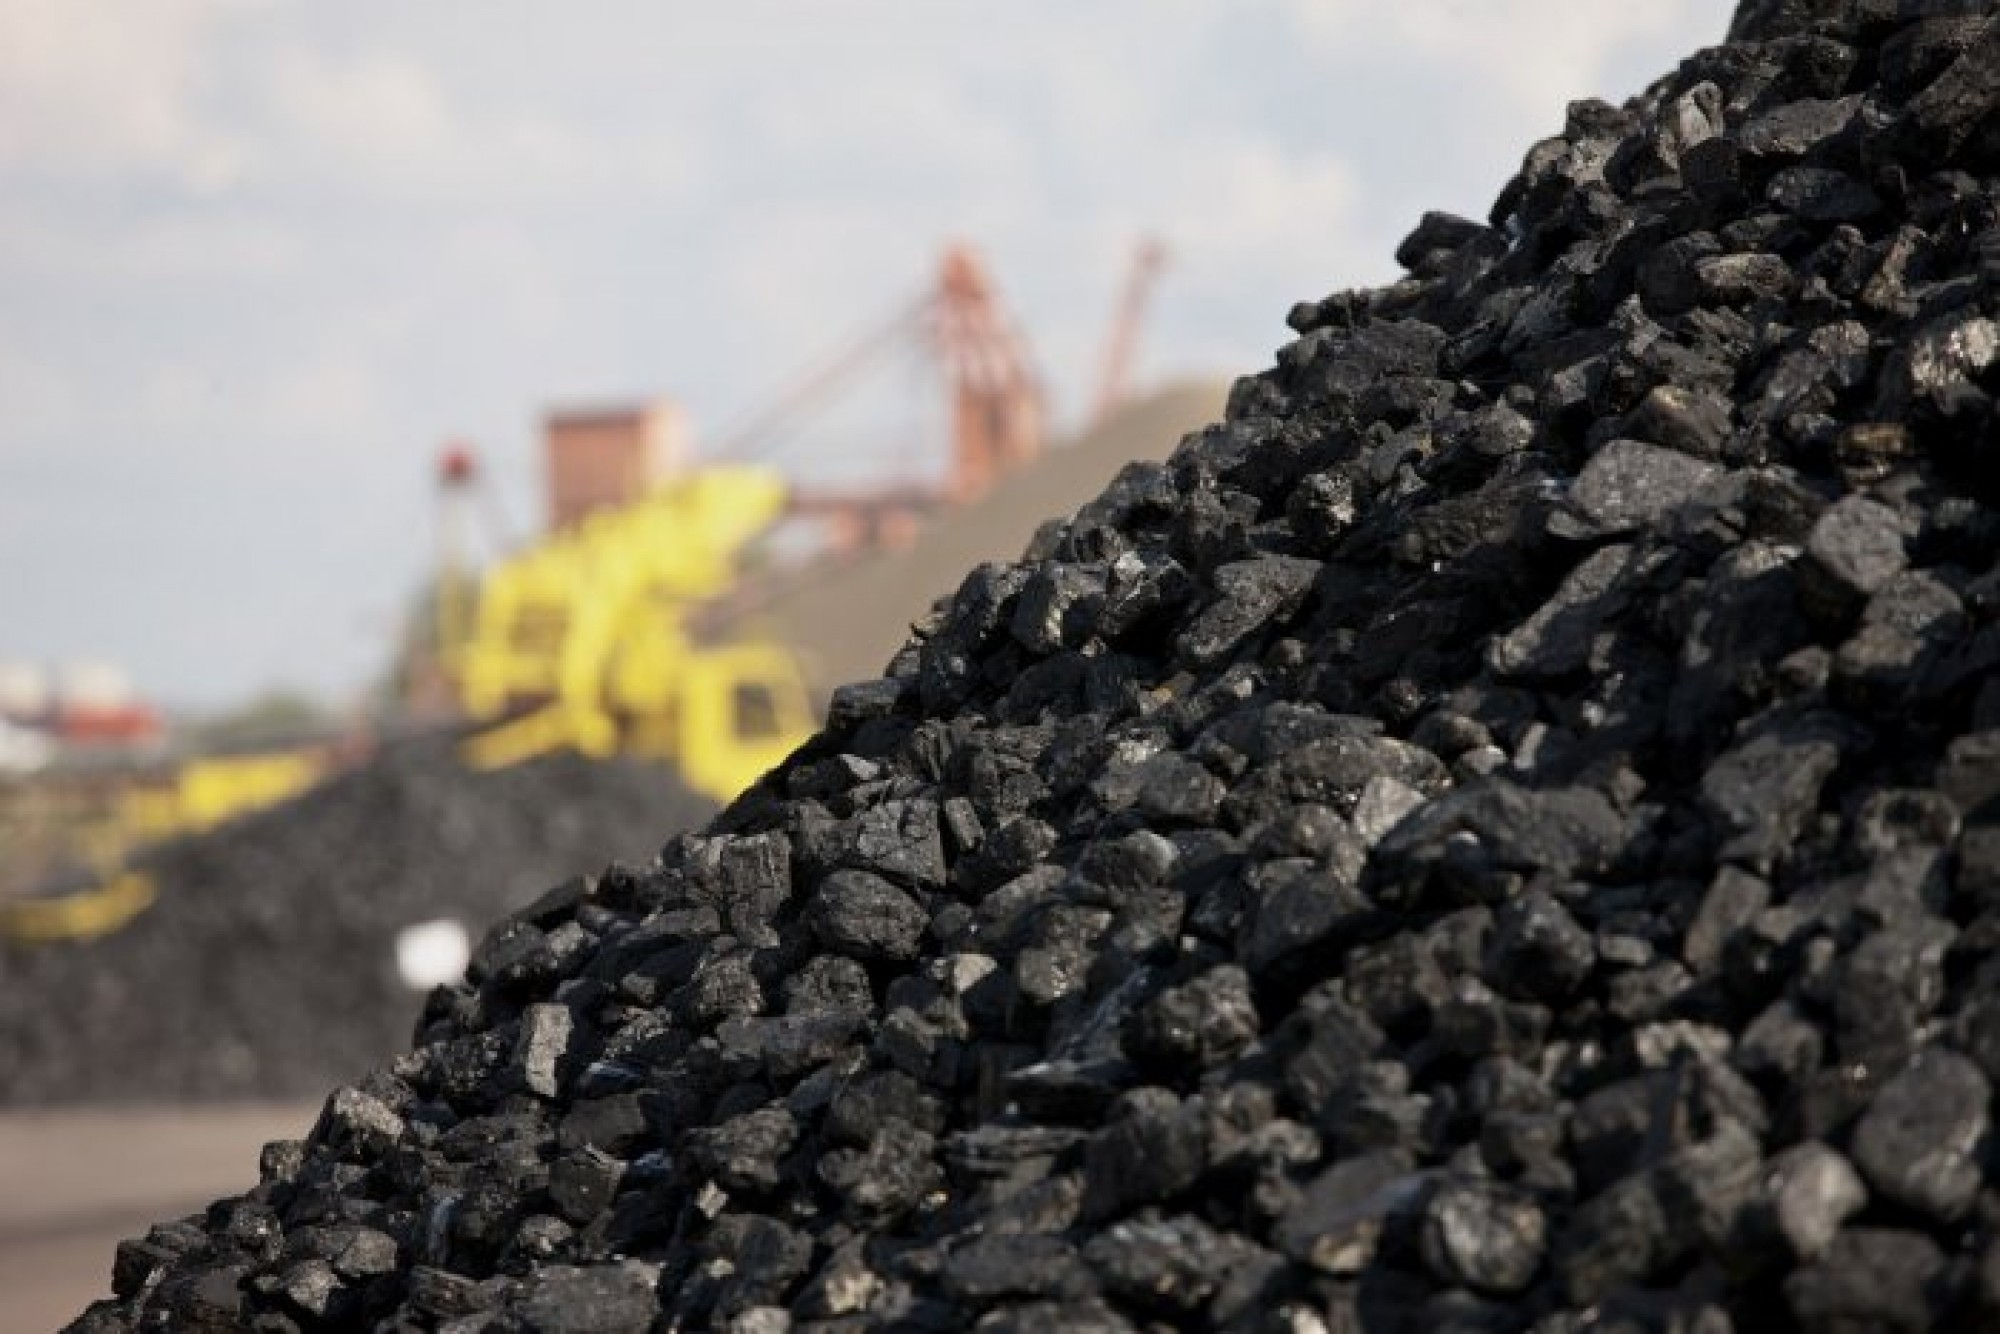 Все регионы Казахстана обеспечены углём перед отопительным сезоном – Мининвестразвития, уголь, дефицит угля, Отопительный сезон,ЖКХ, ТЭЦ, Минэнерго РК